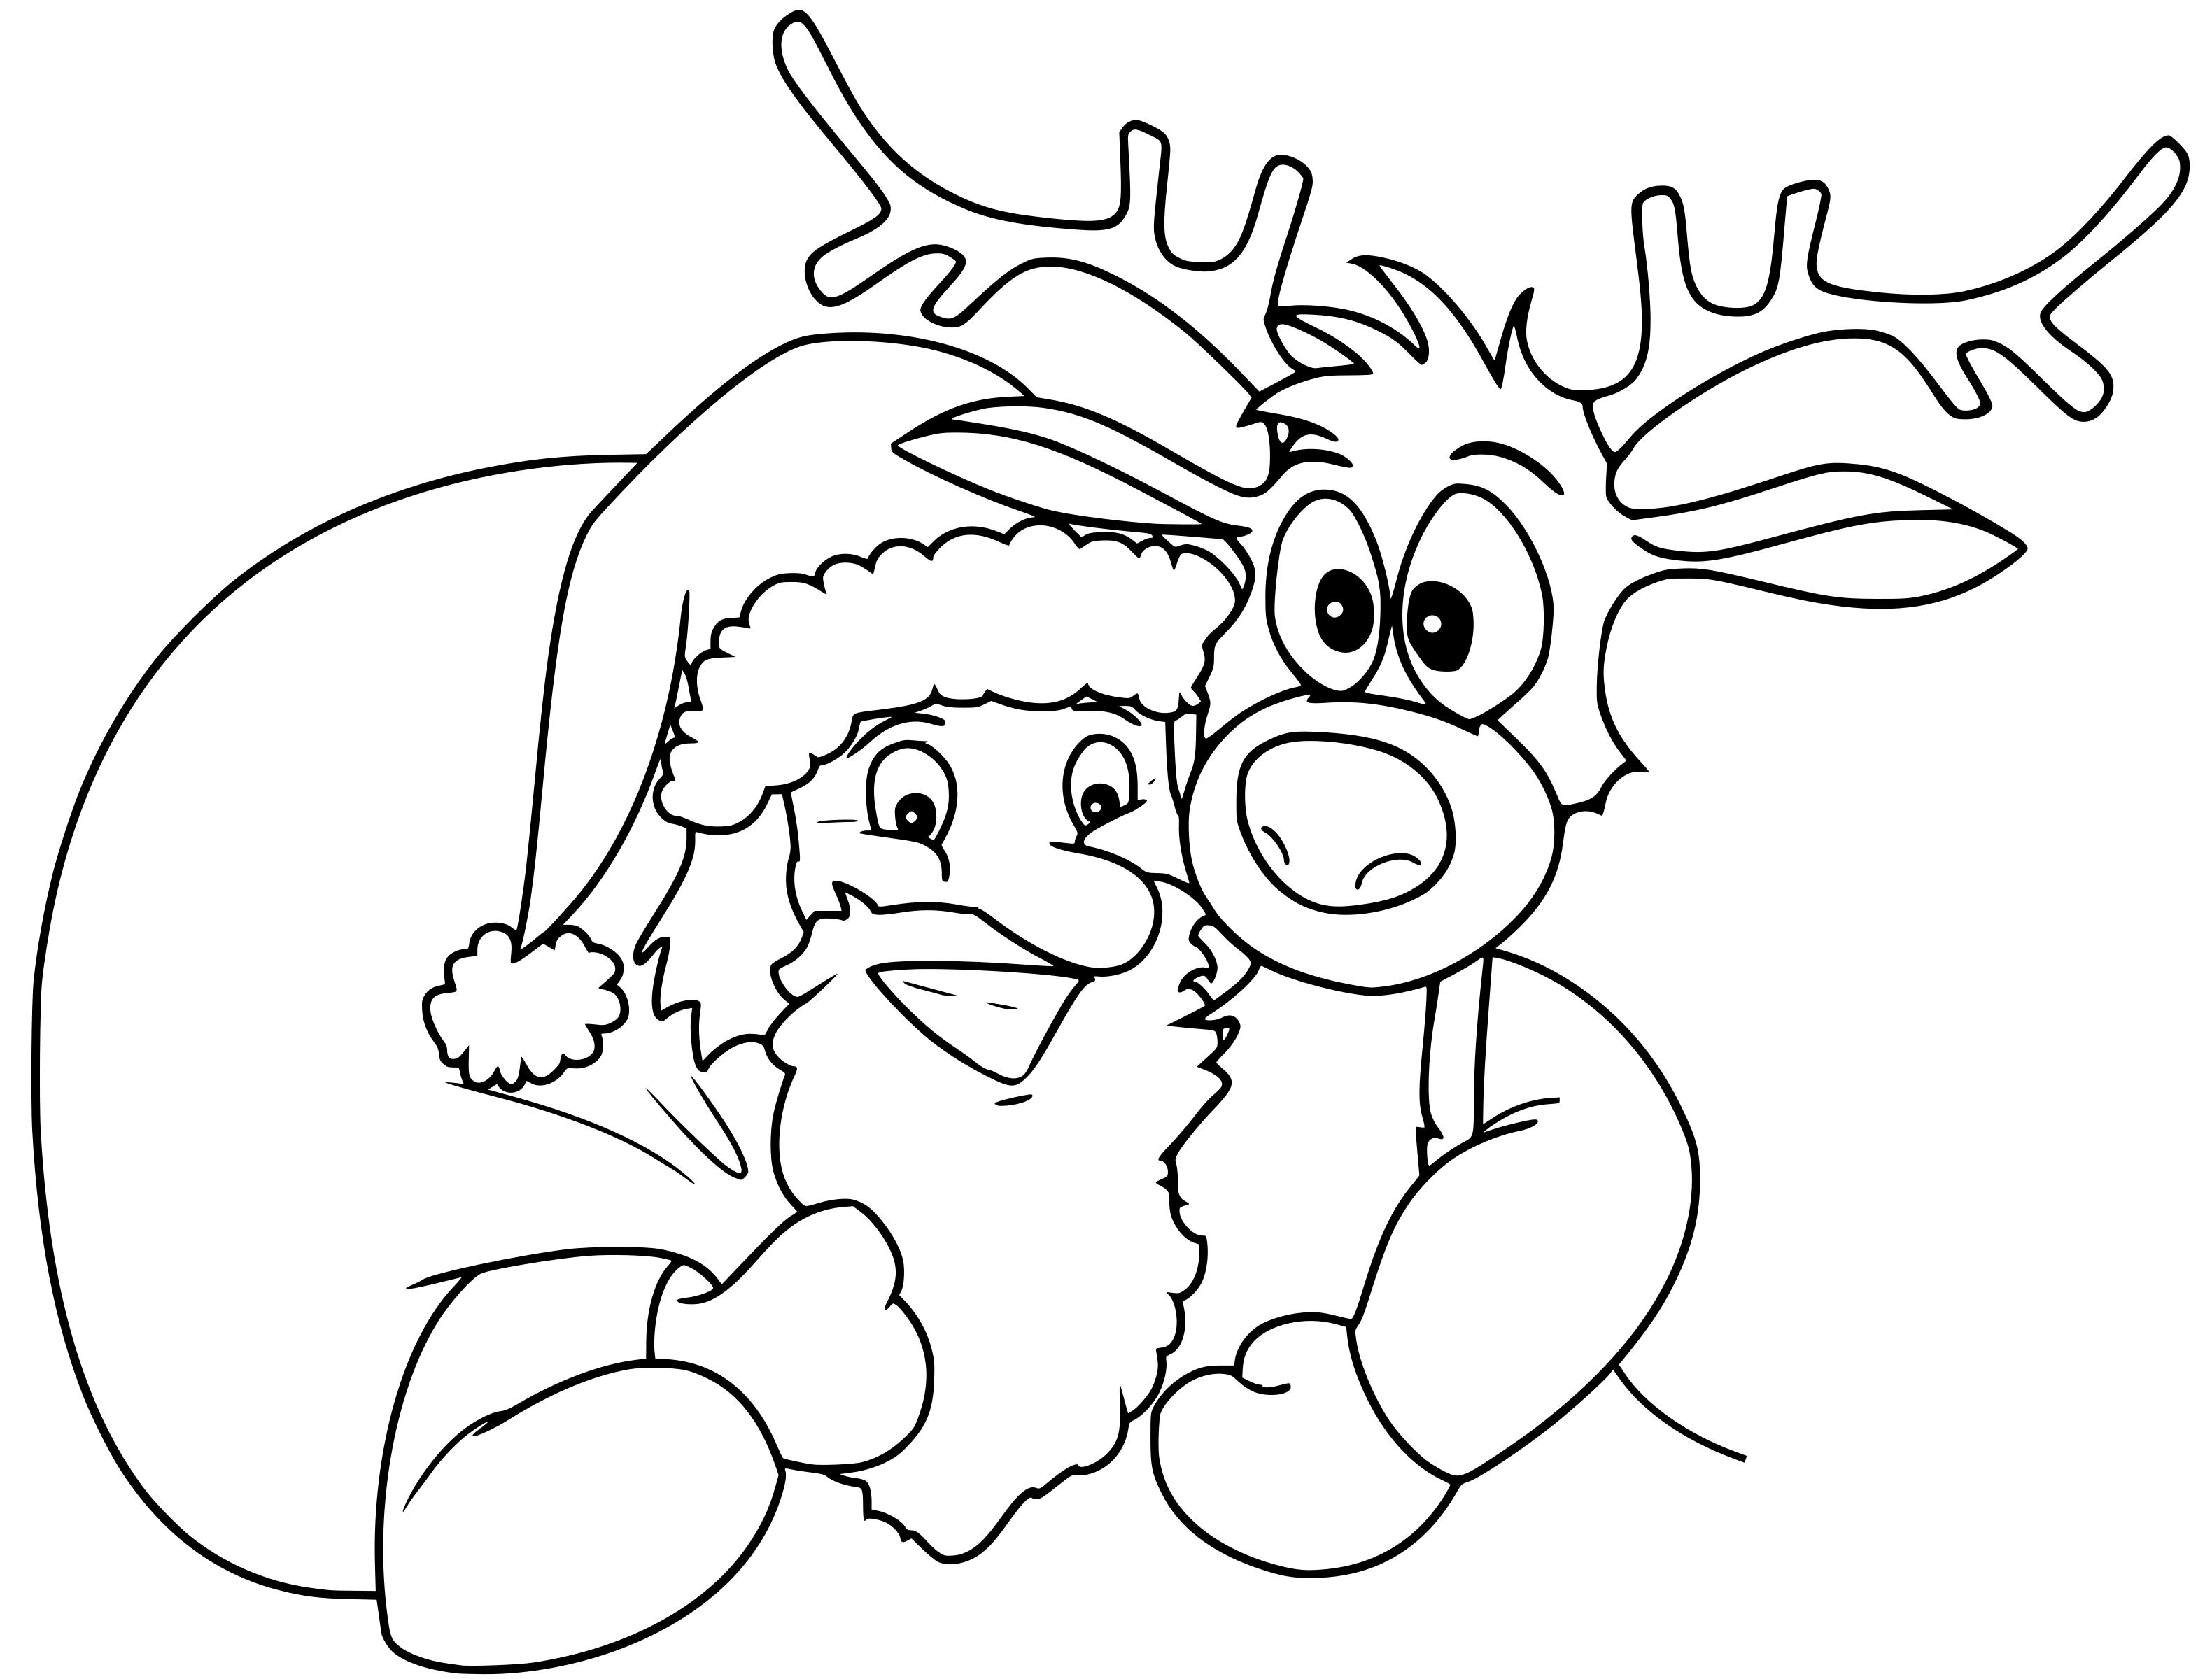 Dibujos De Navidad Faciles De Colorear Para Ninos Paraninos Org